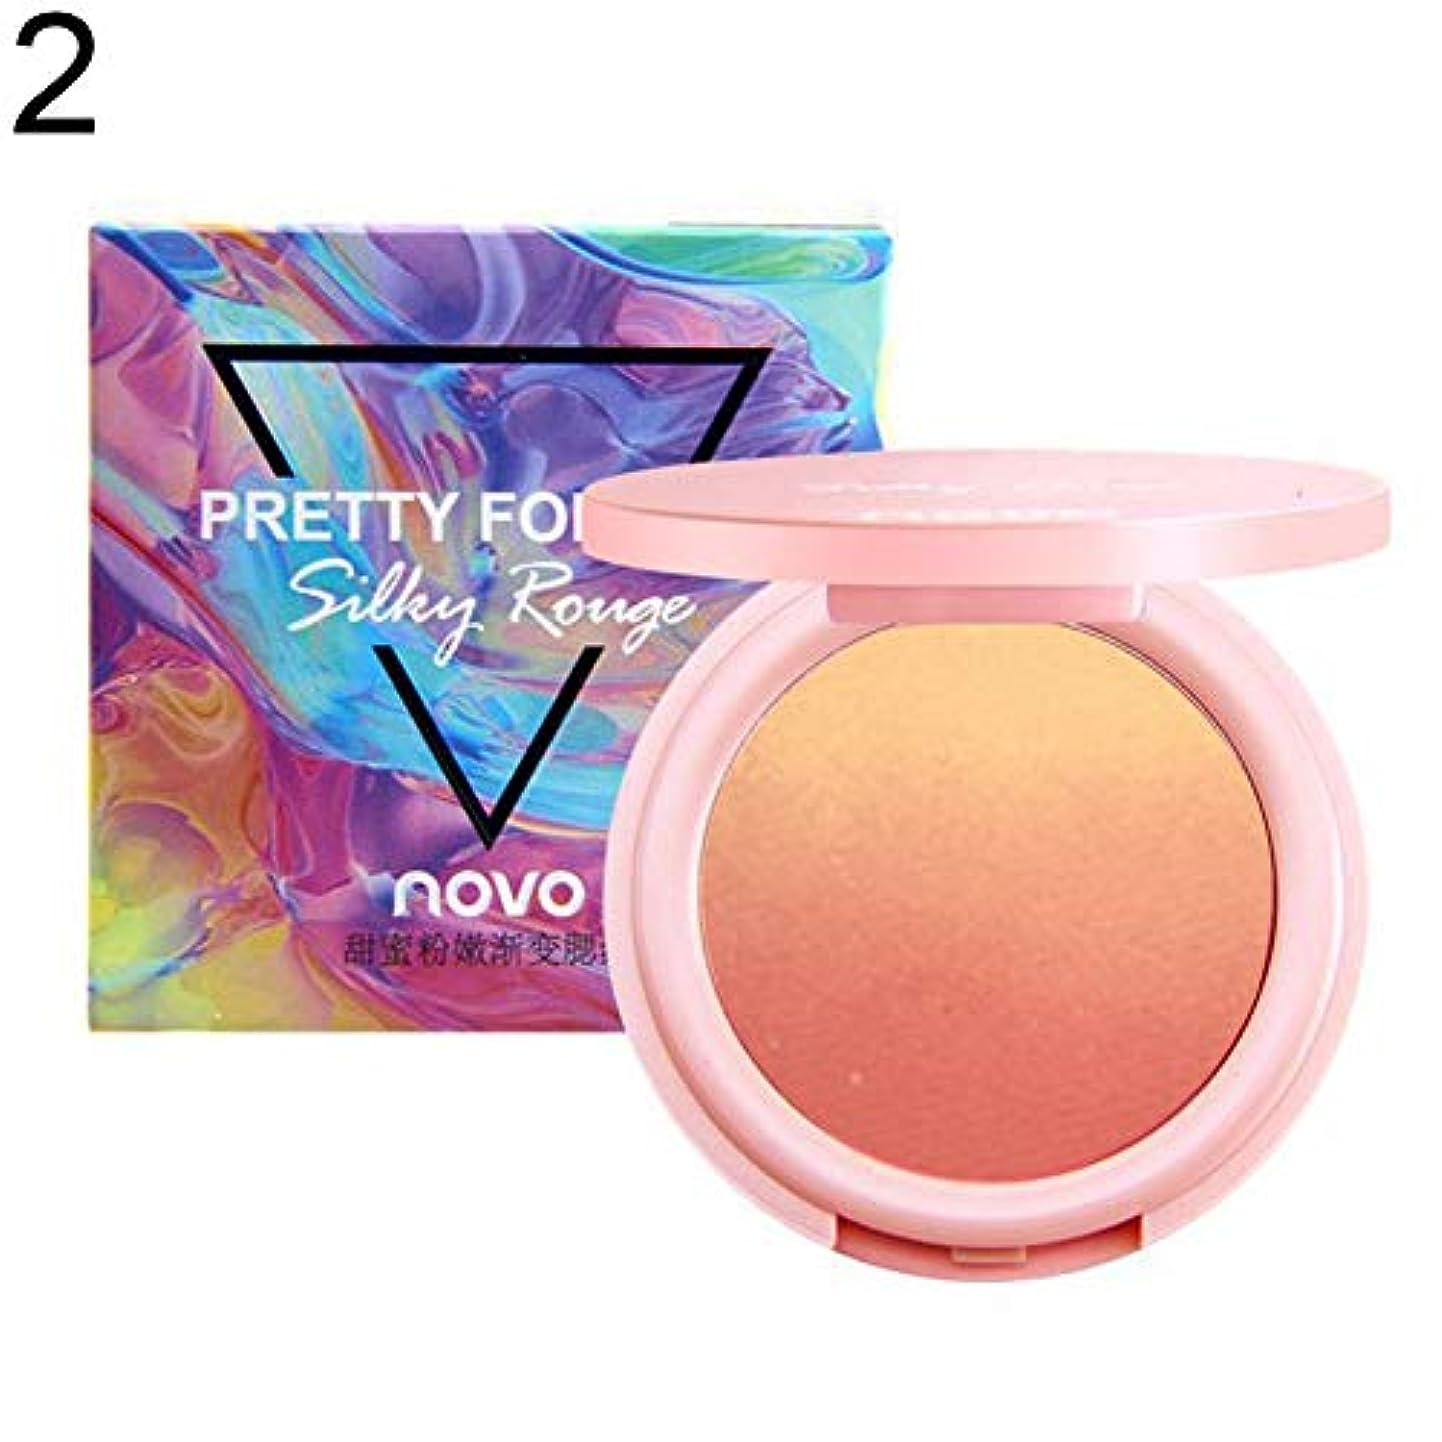 移行鑑定液体NOVOプロ2色フェイスブラッシャーパウダー長続きがする明るく頬化粧品 - 2#